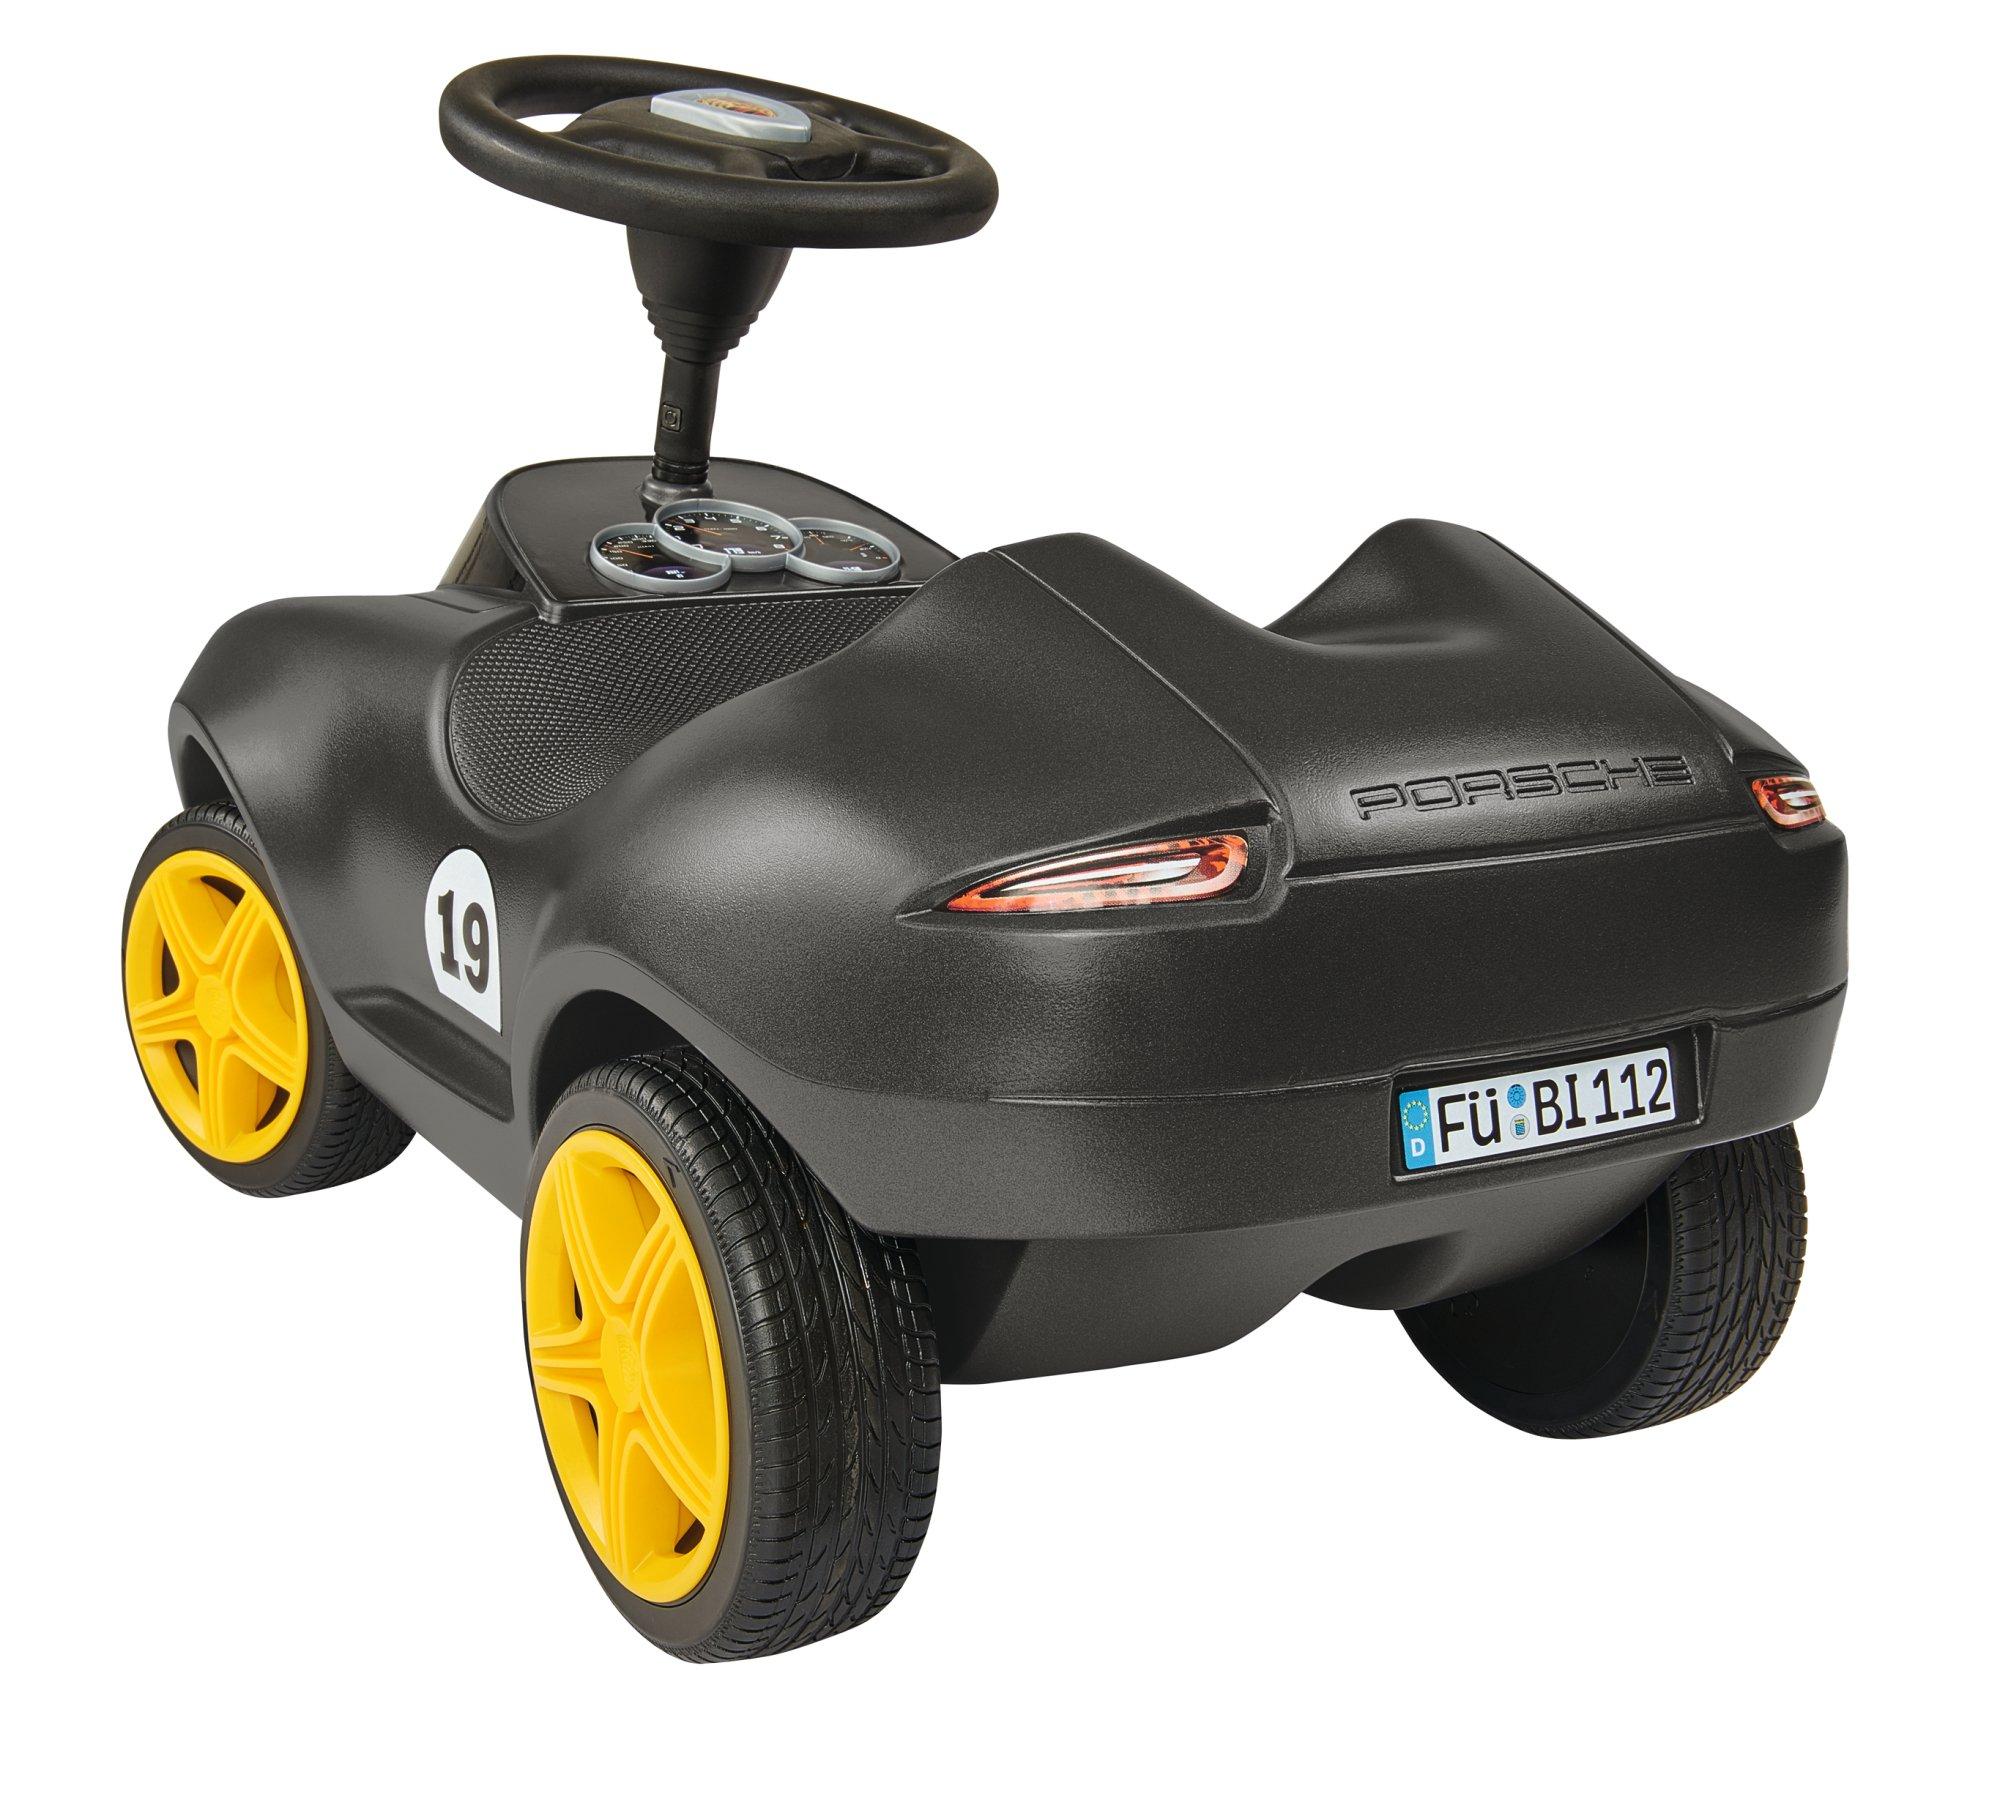 BIG Baby Porsche Ride-On Vehicle by BIG Spielwarenfabrik (Image #3)